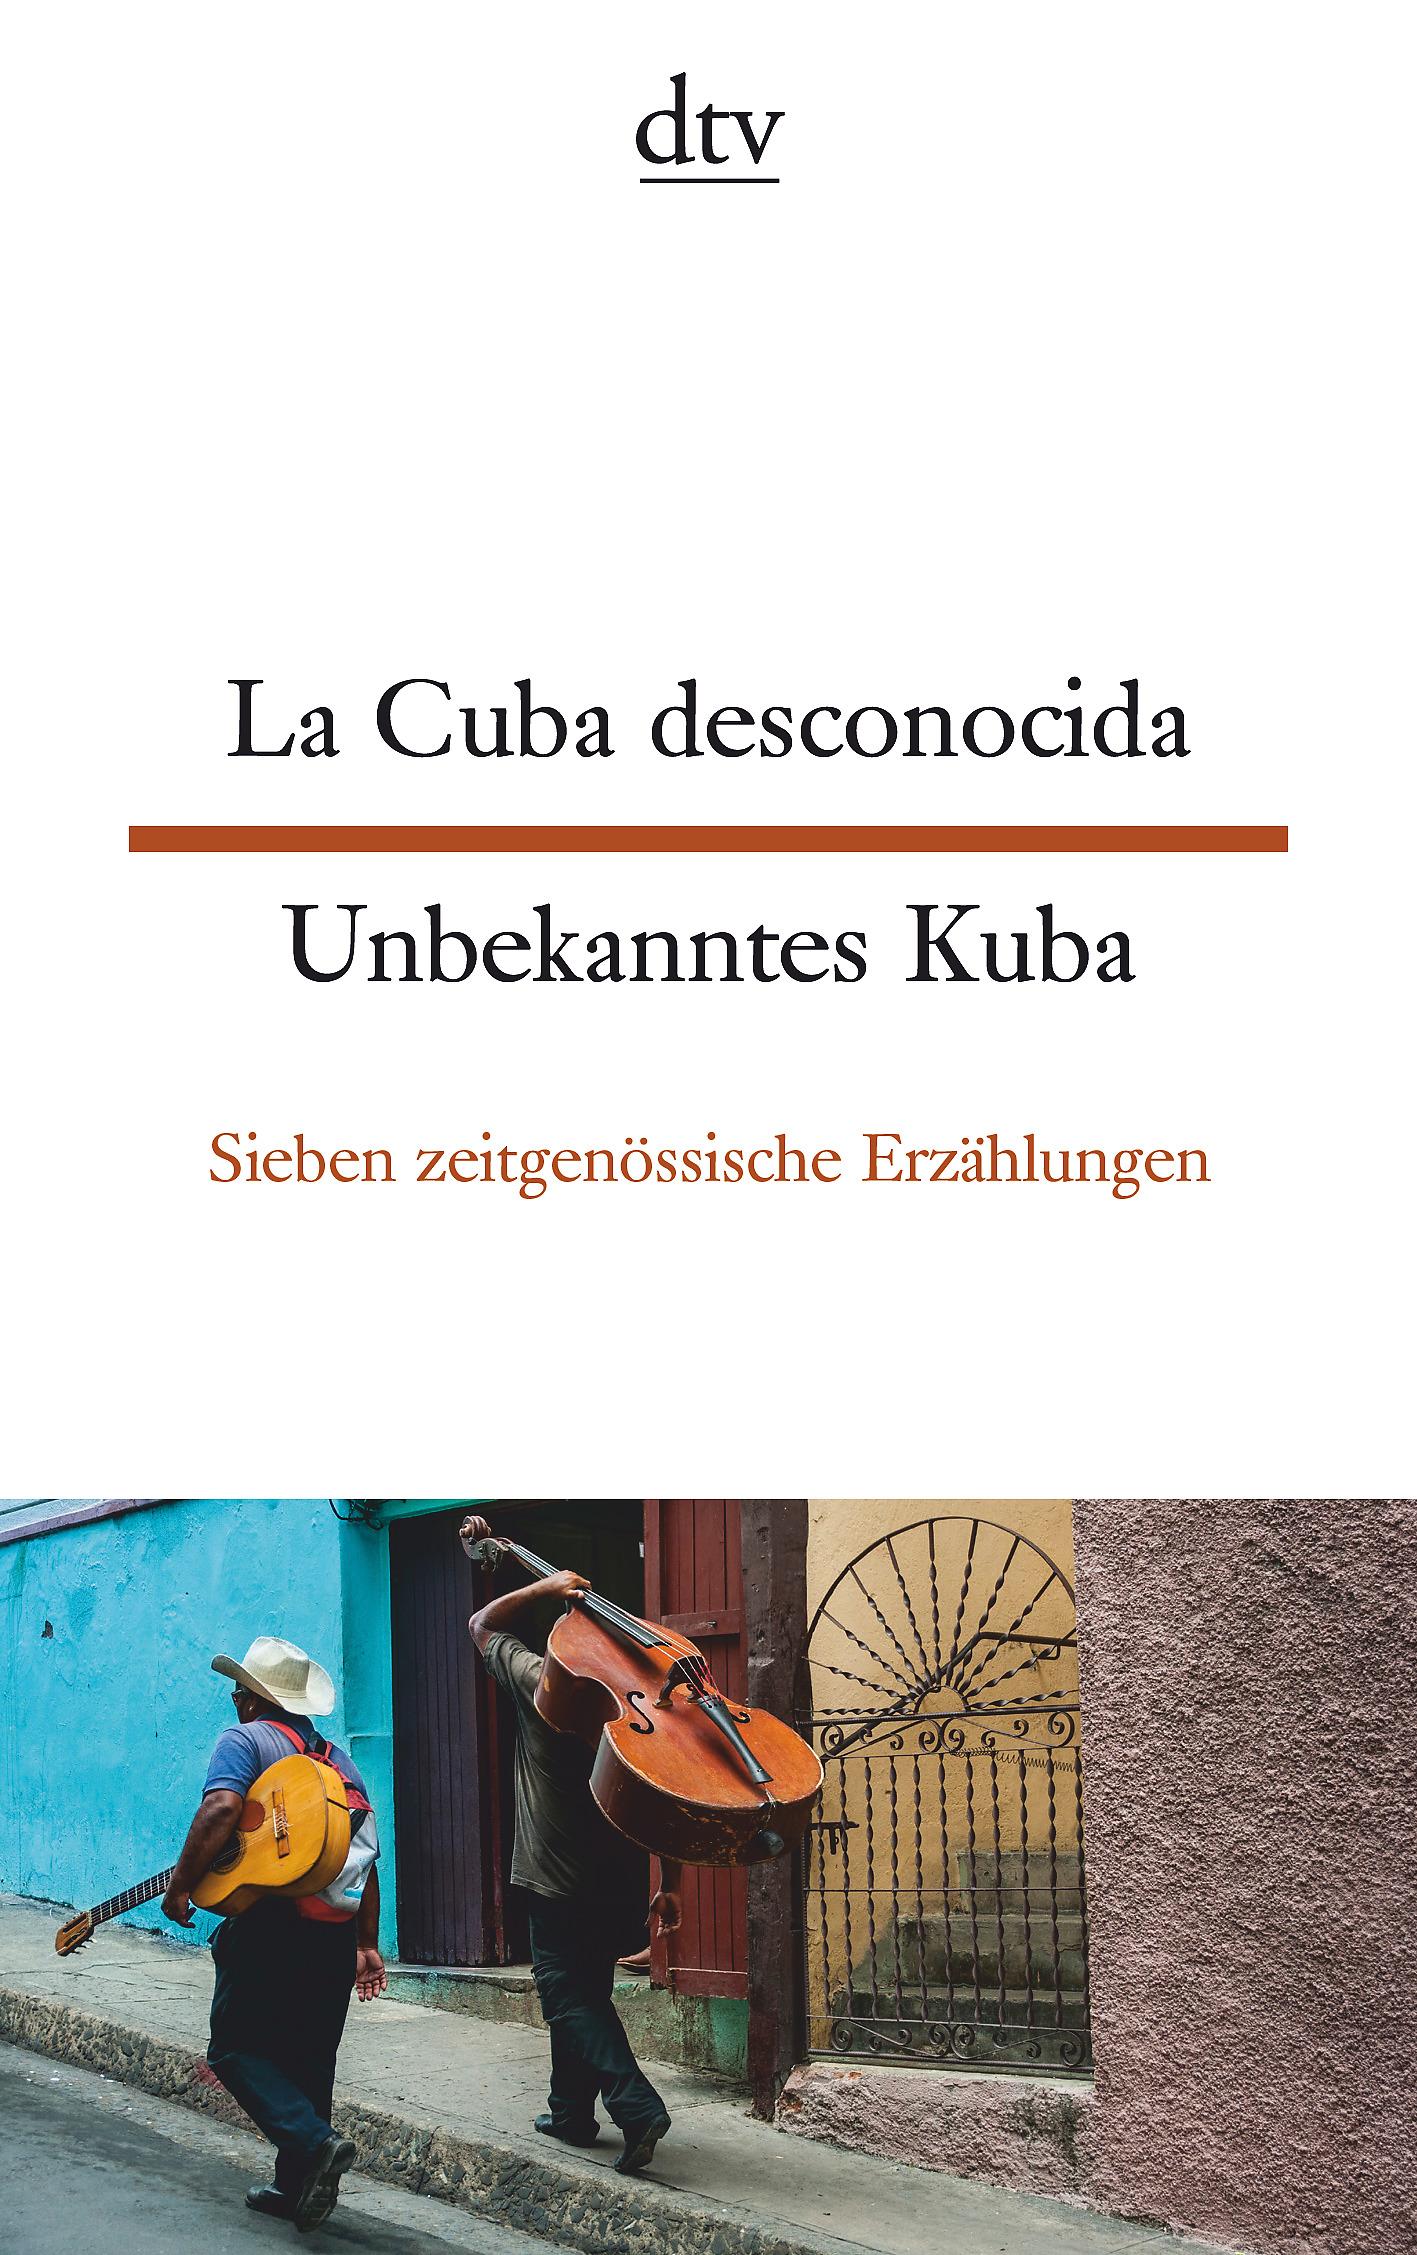 NEU-Unbekanntes-Kuba-La-Cuba-desconocida-Enno-Petermann-095334